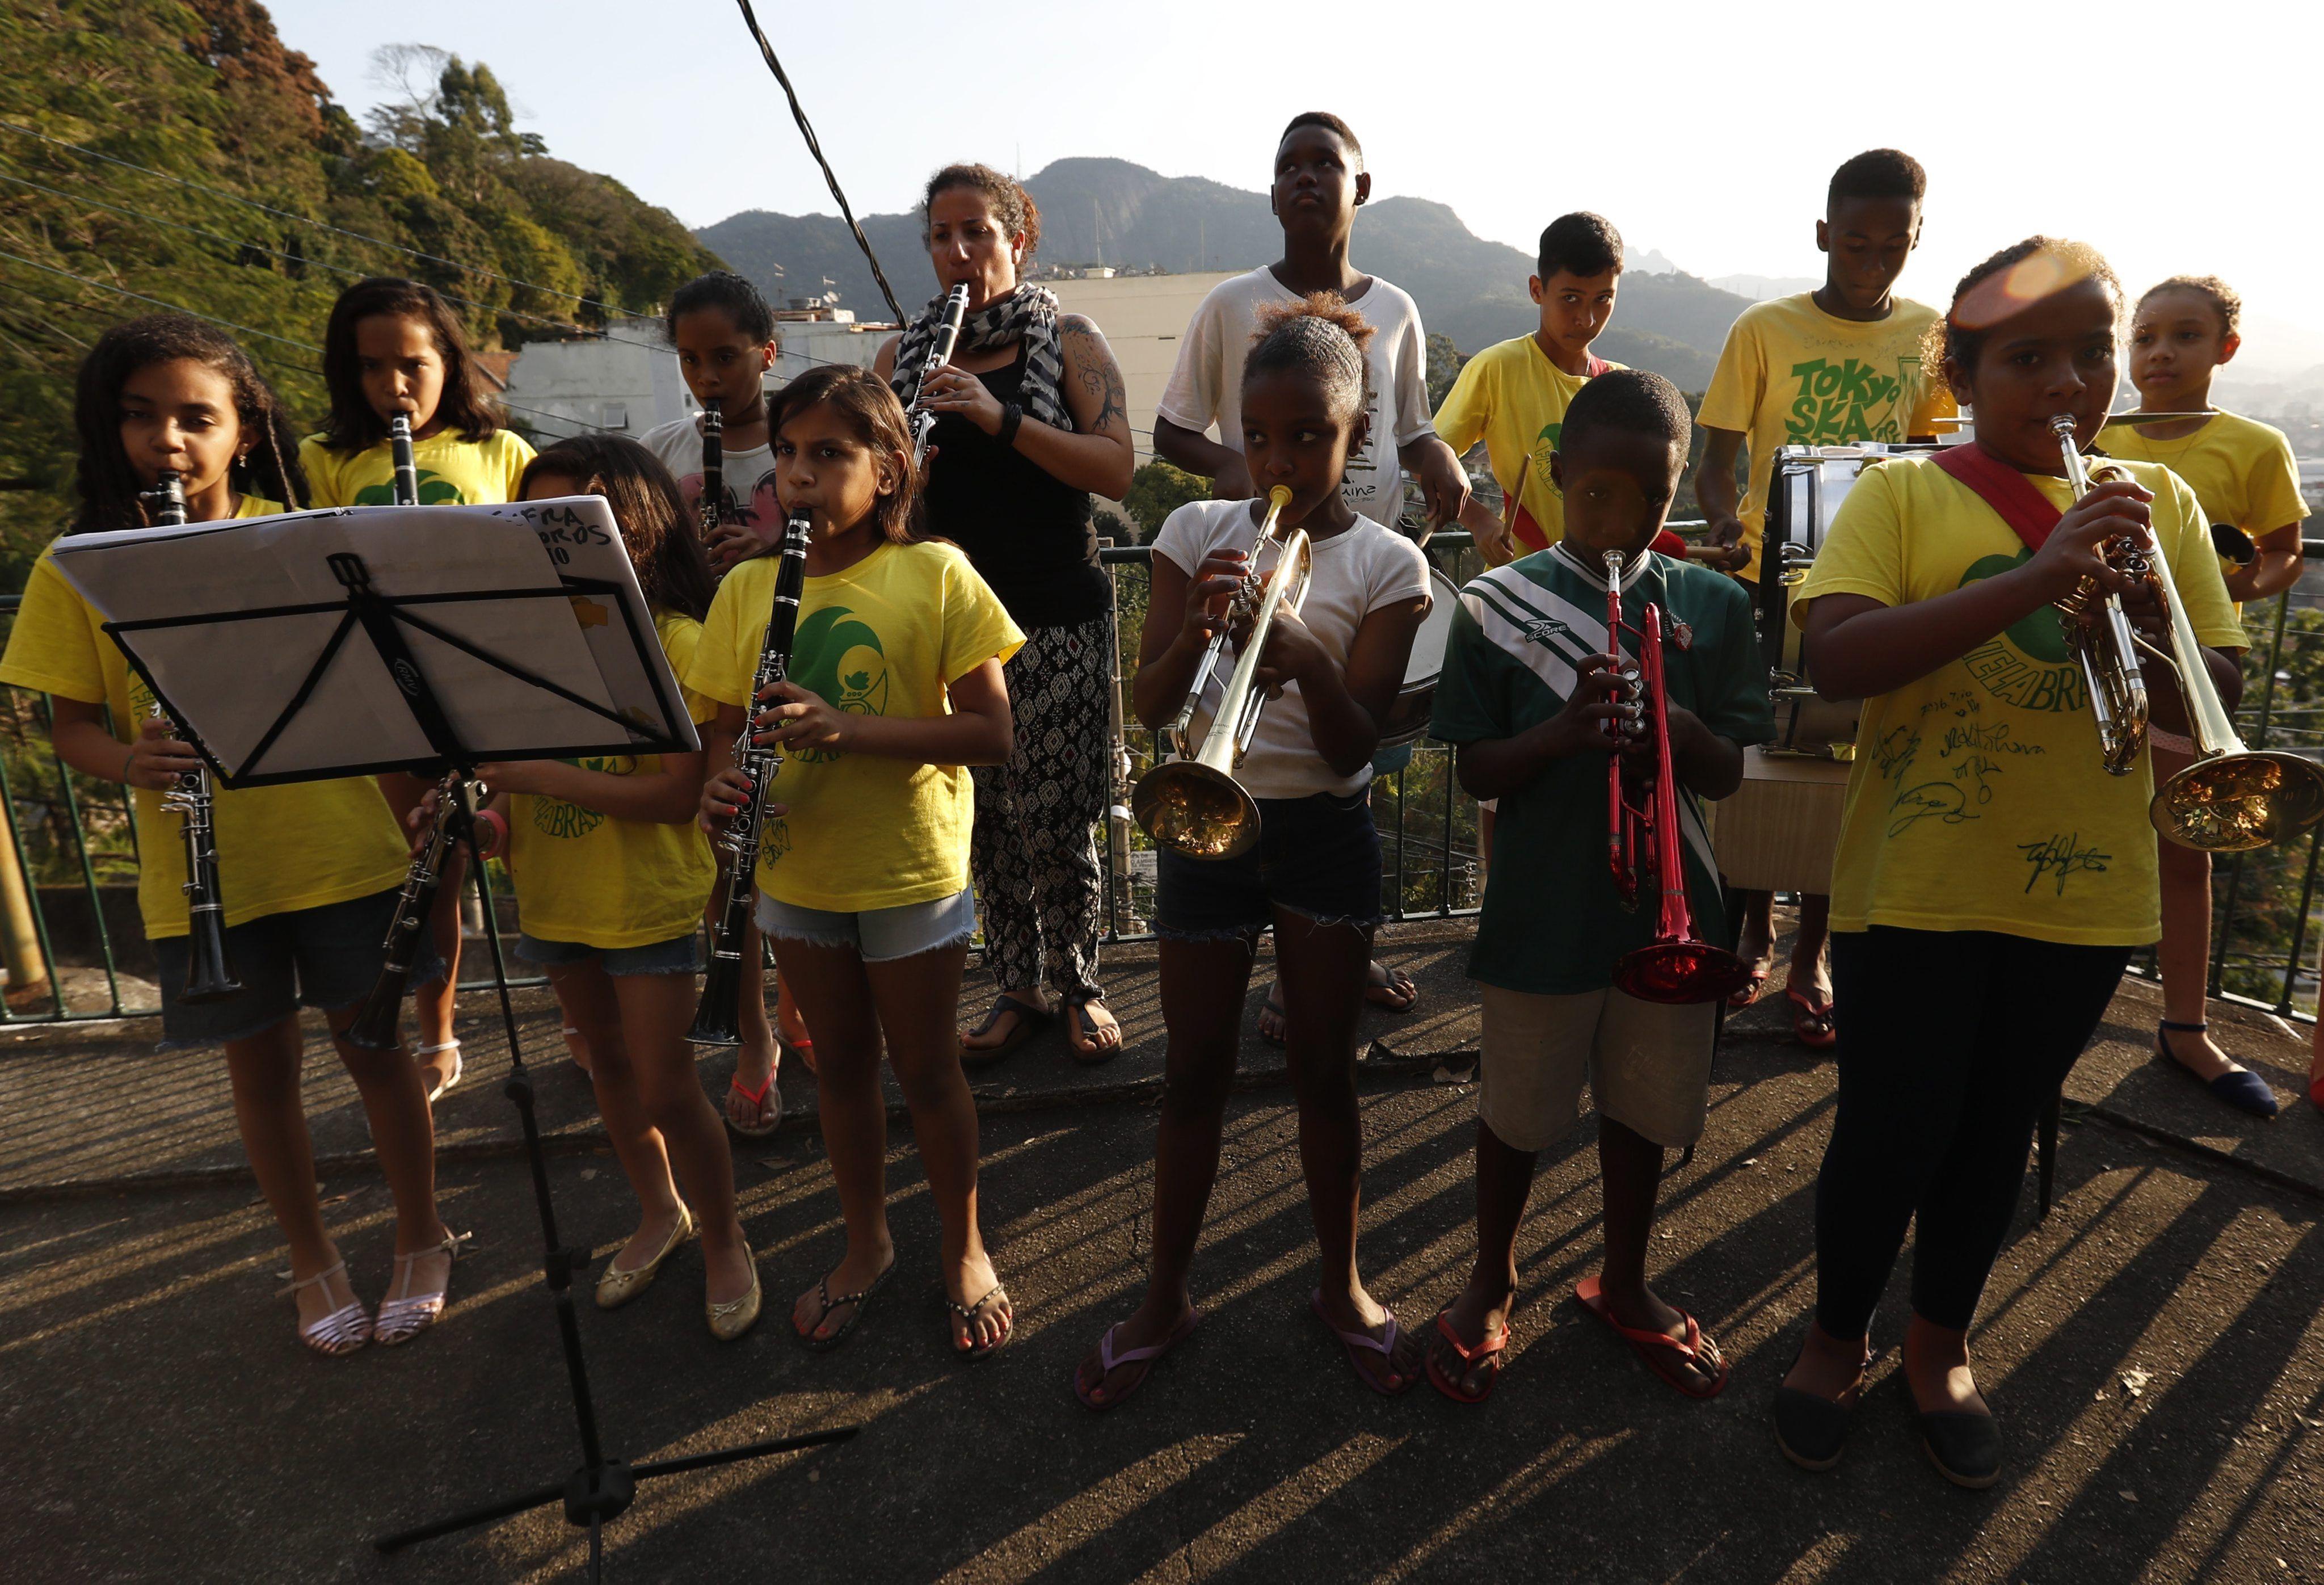 A tres días de los Juegos Olímpicos 2016 así se prepara Río